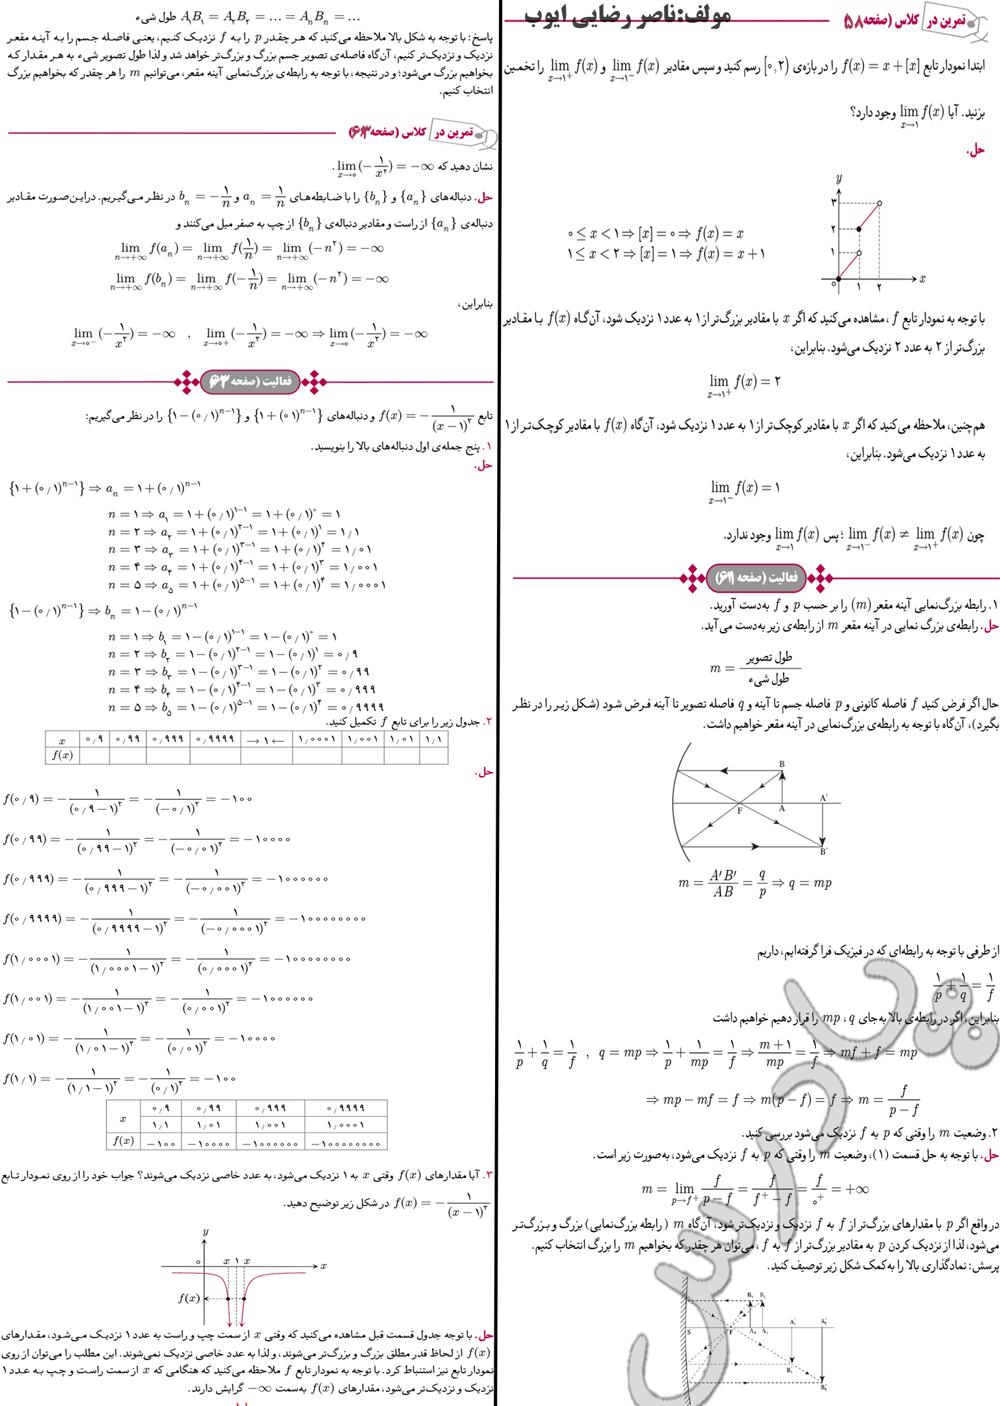 حل تمرین در کلاس و فعالیت ها تا صفحه 63 دیفرانسیل پیش دانشگاهی